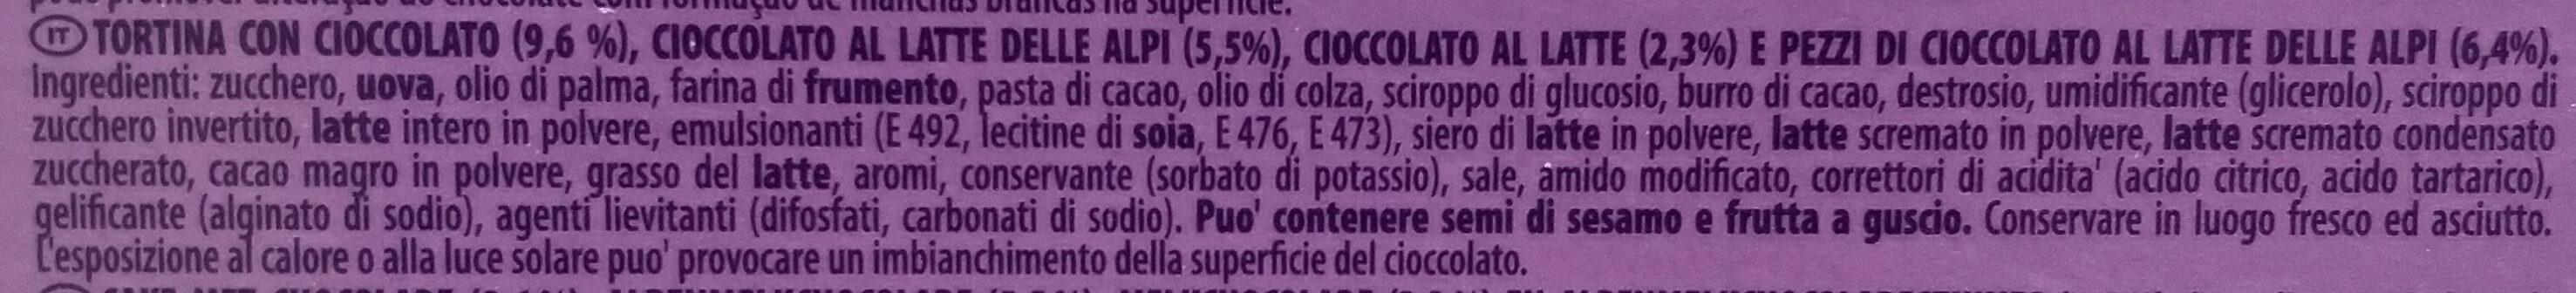 Choco brownie - Ingredienti - it